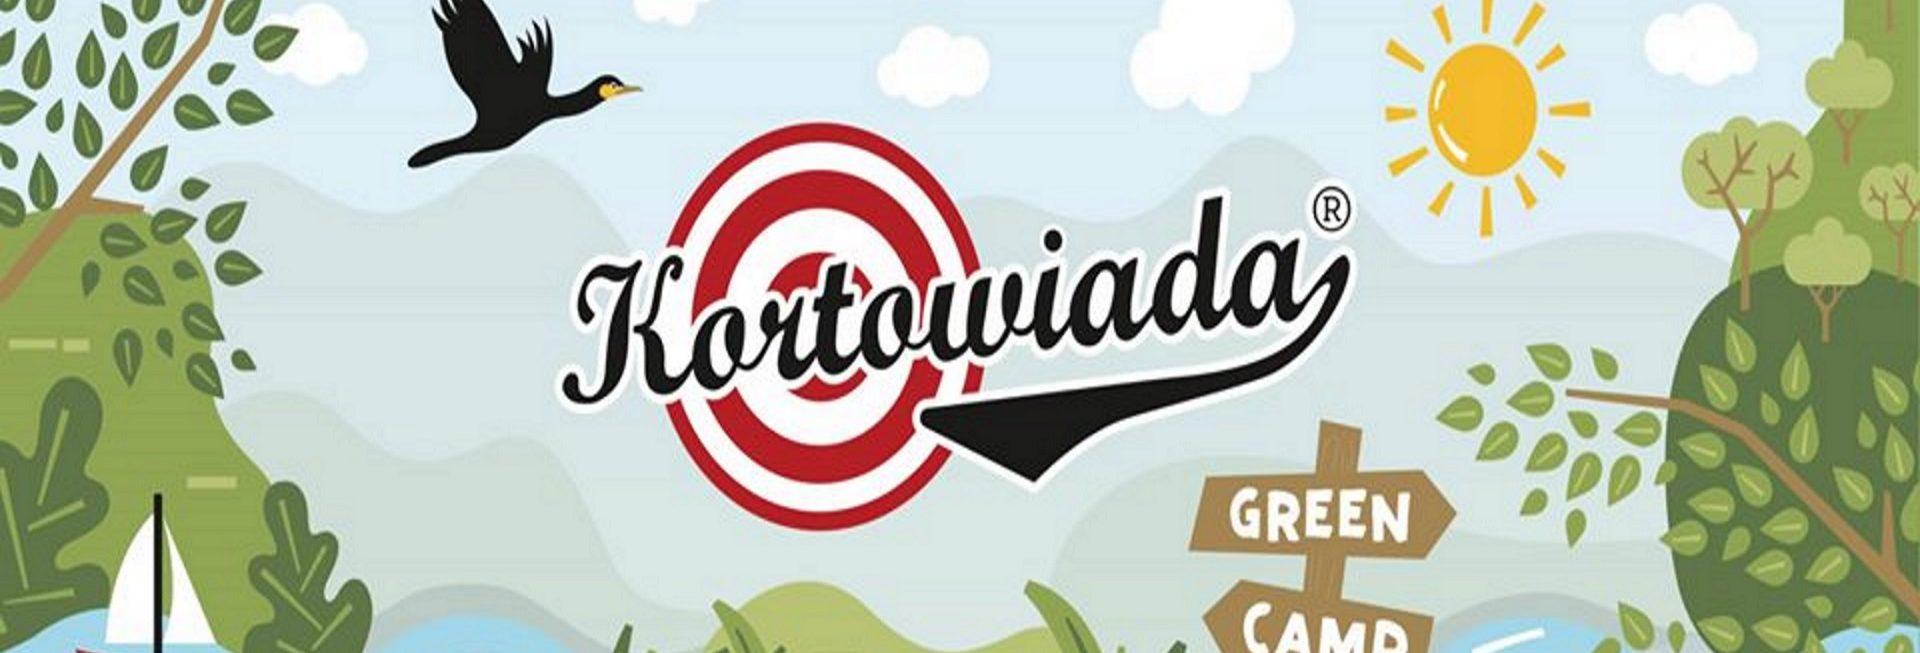 Plakat - zdjęcie zapraszające na Festiwal Studencki Kortowiada 2020. Plakat graficzny, który przedstawia elementy jeziora, zielonej wyspy i roślinności a na tym tle widać słońce, lecącego ptaka oraz małą łódkę. Po środku napis Kortowiada.